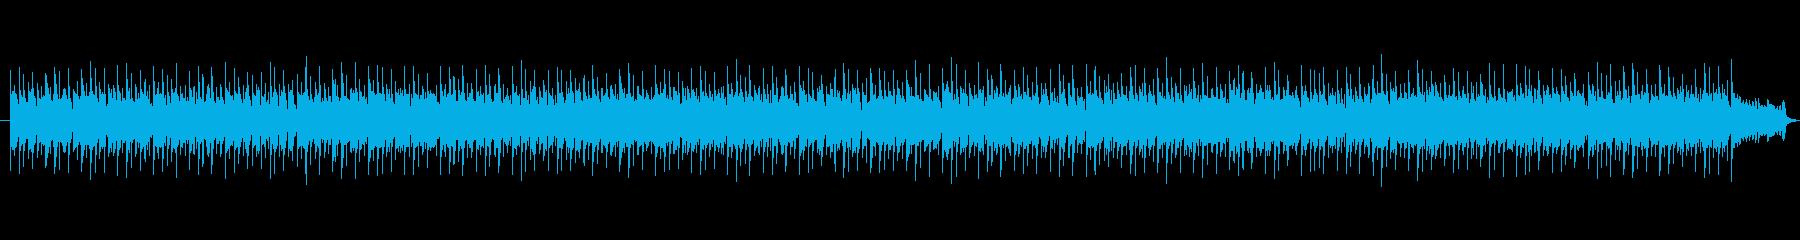 【大会まであと3日】切迫感のある曲の再生済みの波形